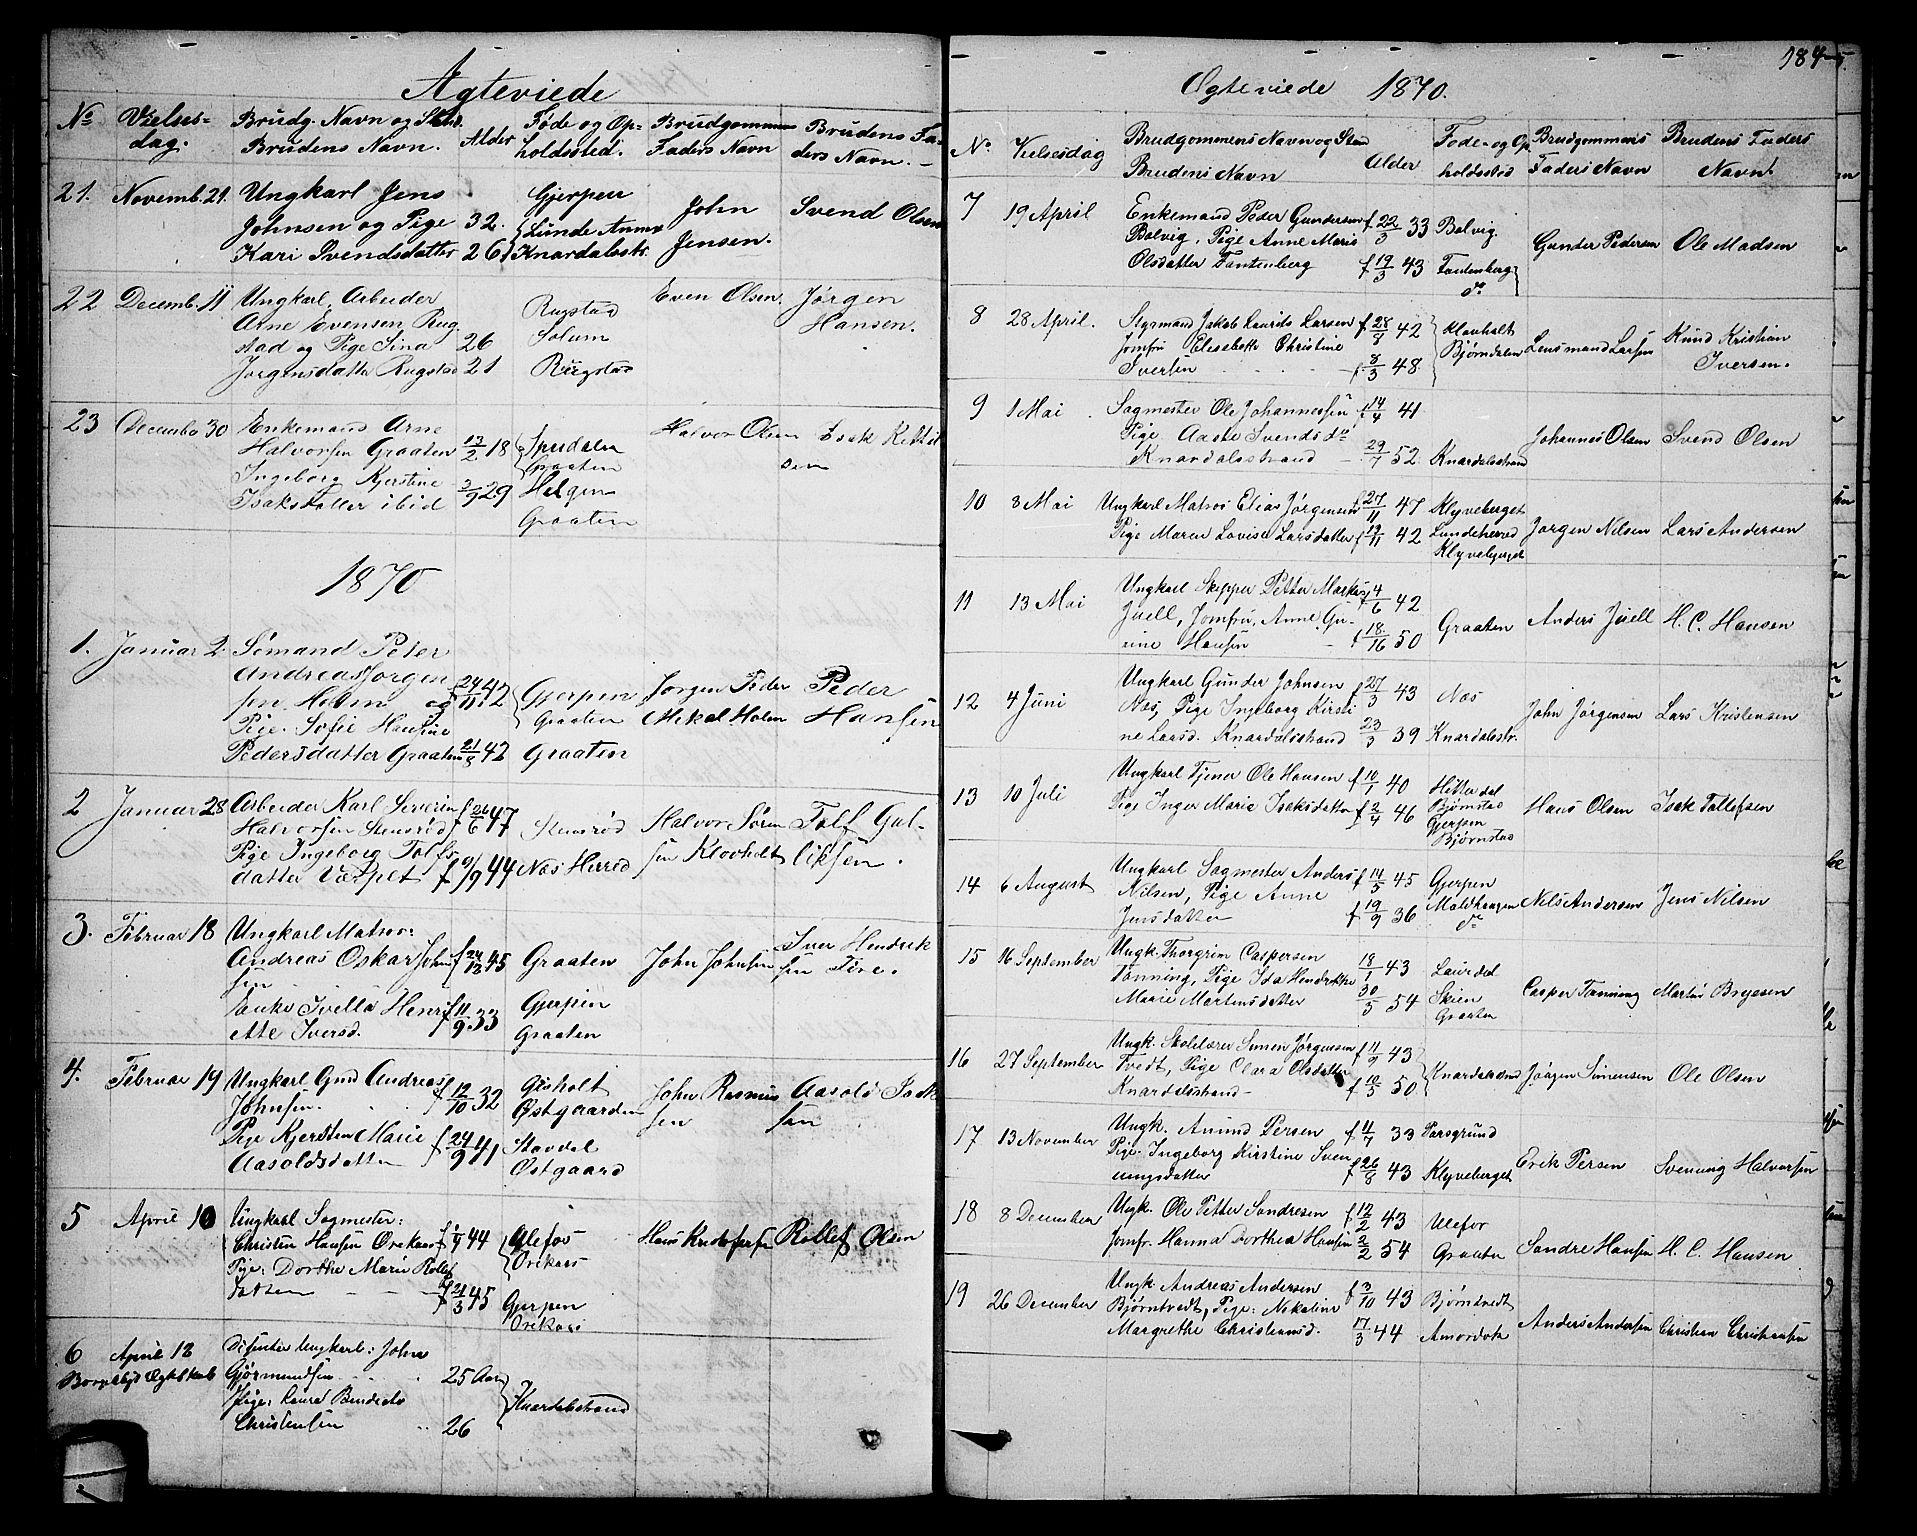 SAKO, Solum kirkebøker, G/Ga/L0004: Klokkerbok nr. I 4, 1859-1876, s. 184